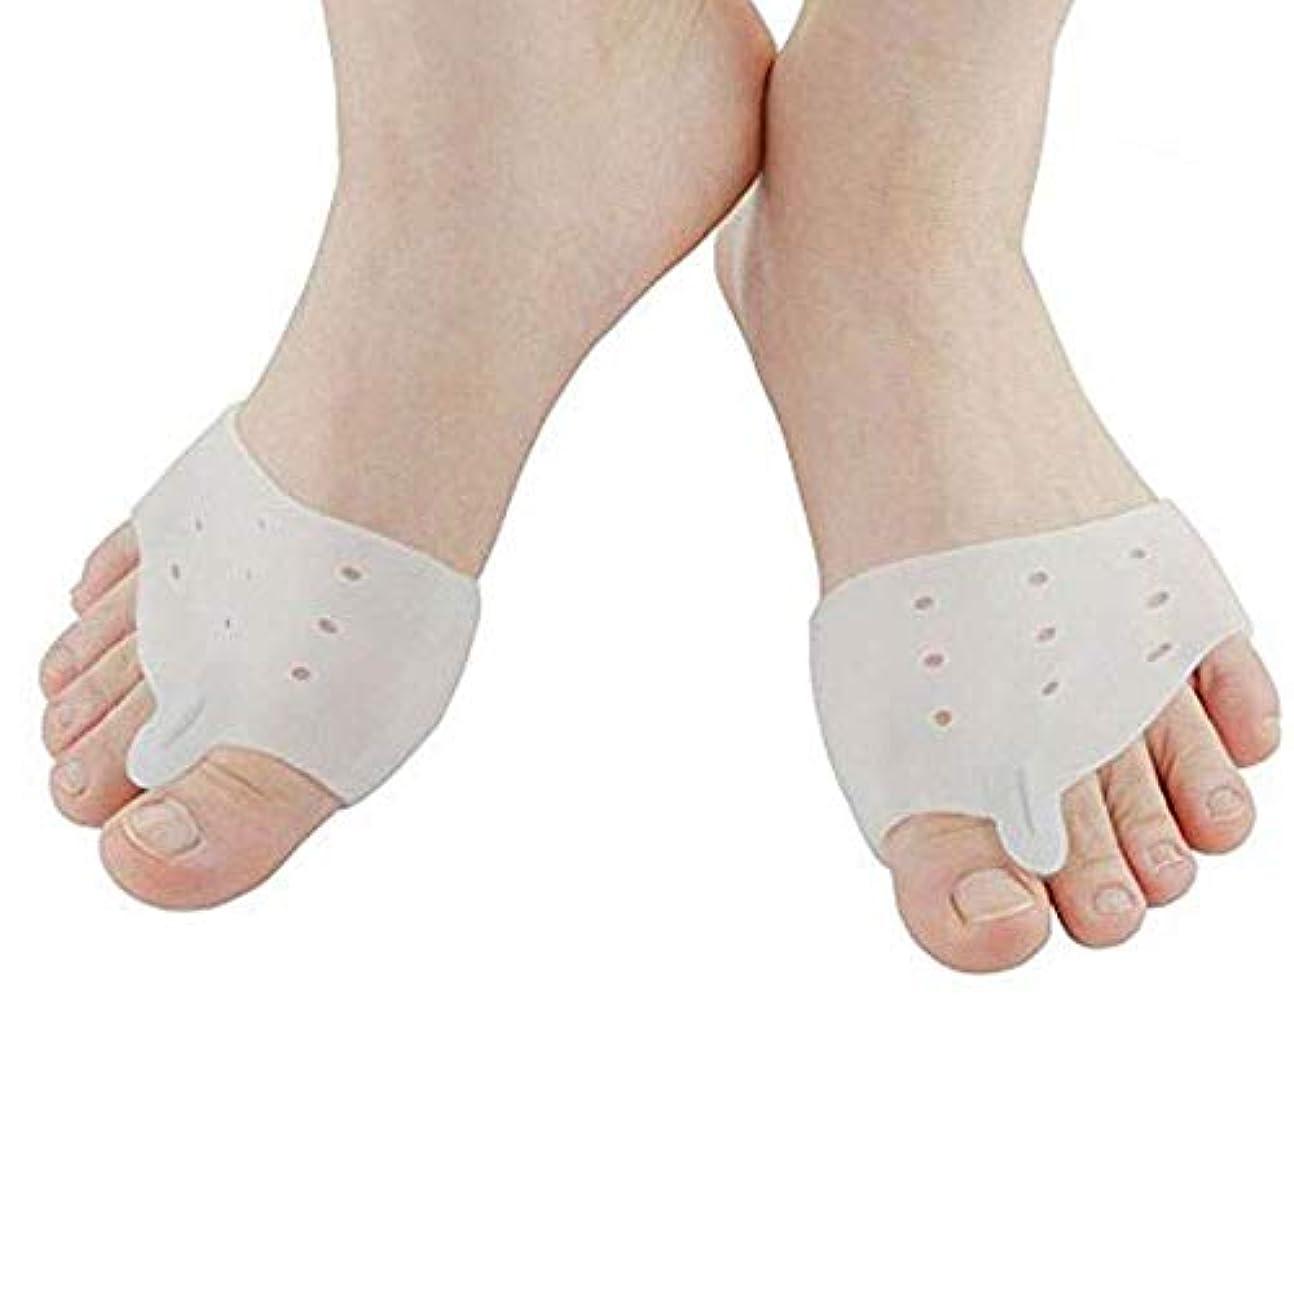 足サポーター 足指パッド セパレーター 矯正 足指を広げる 外反母趾矯正 サポーター 足指矯正パッド 足指分離 足指 足用保護パッド 足の痛みを軽減 男女兼用